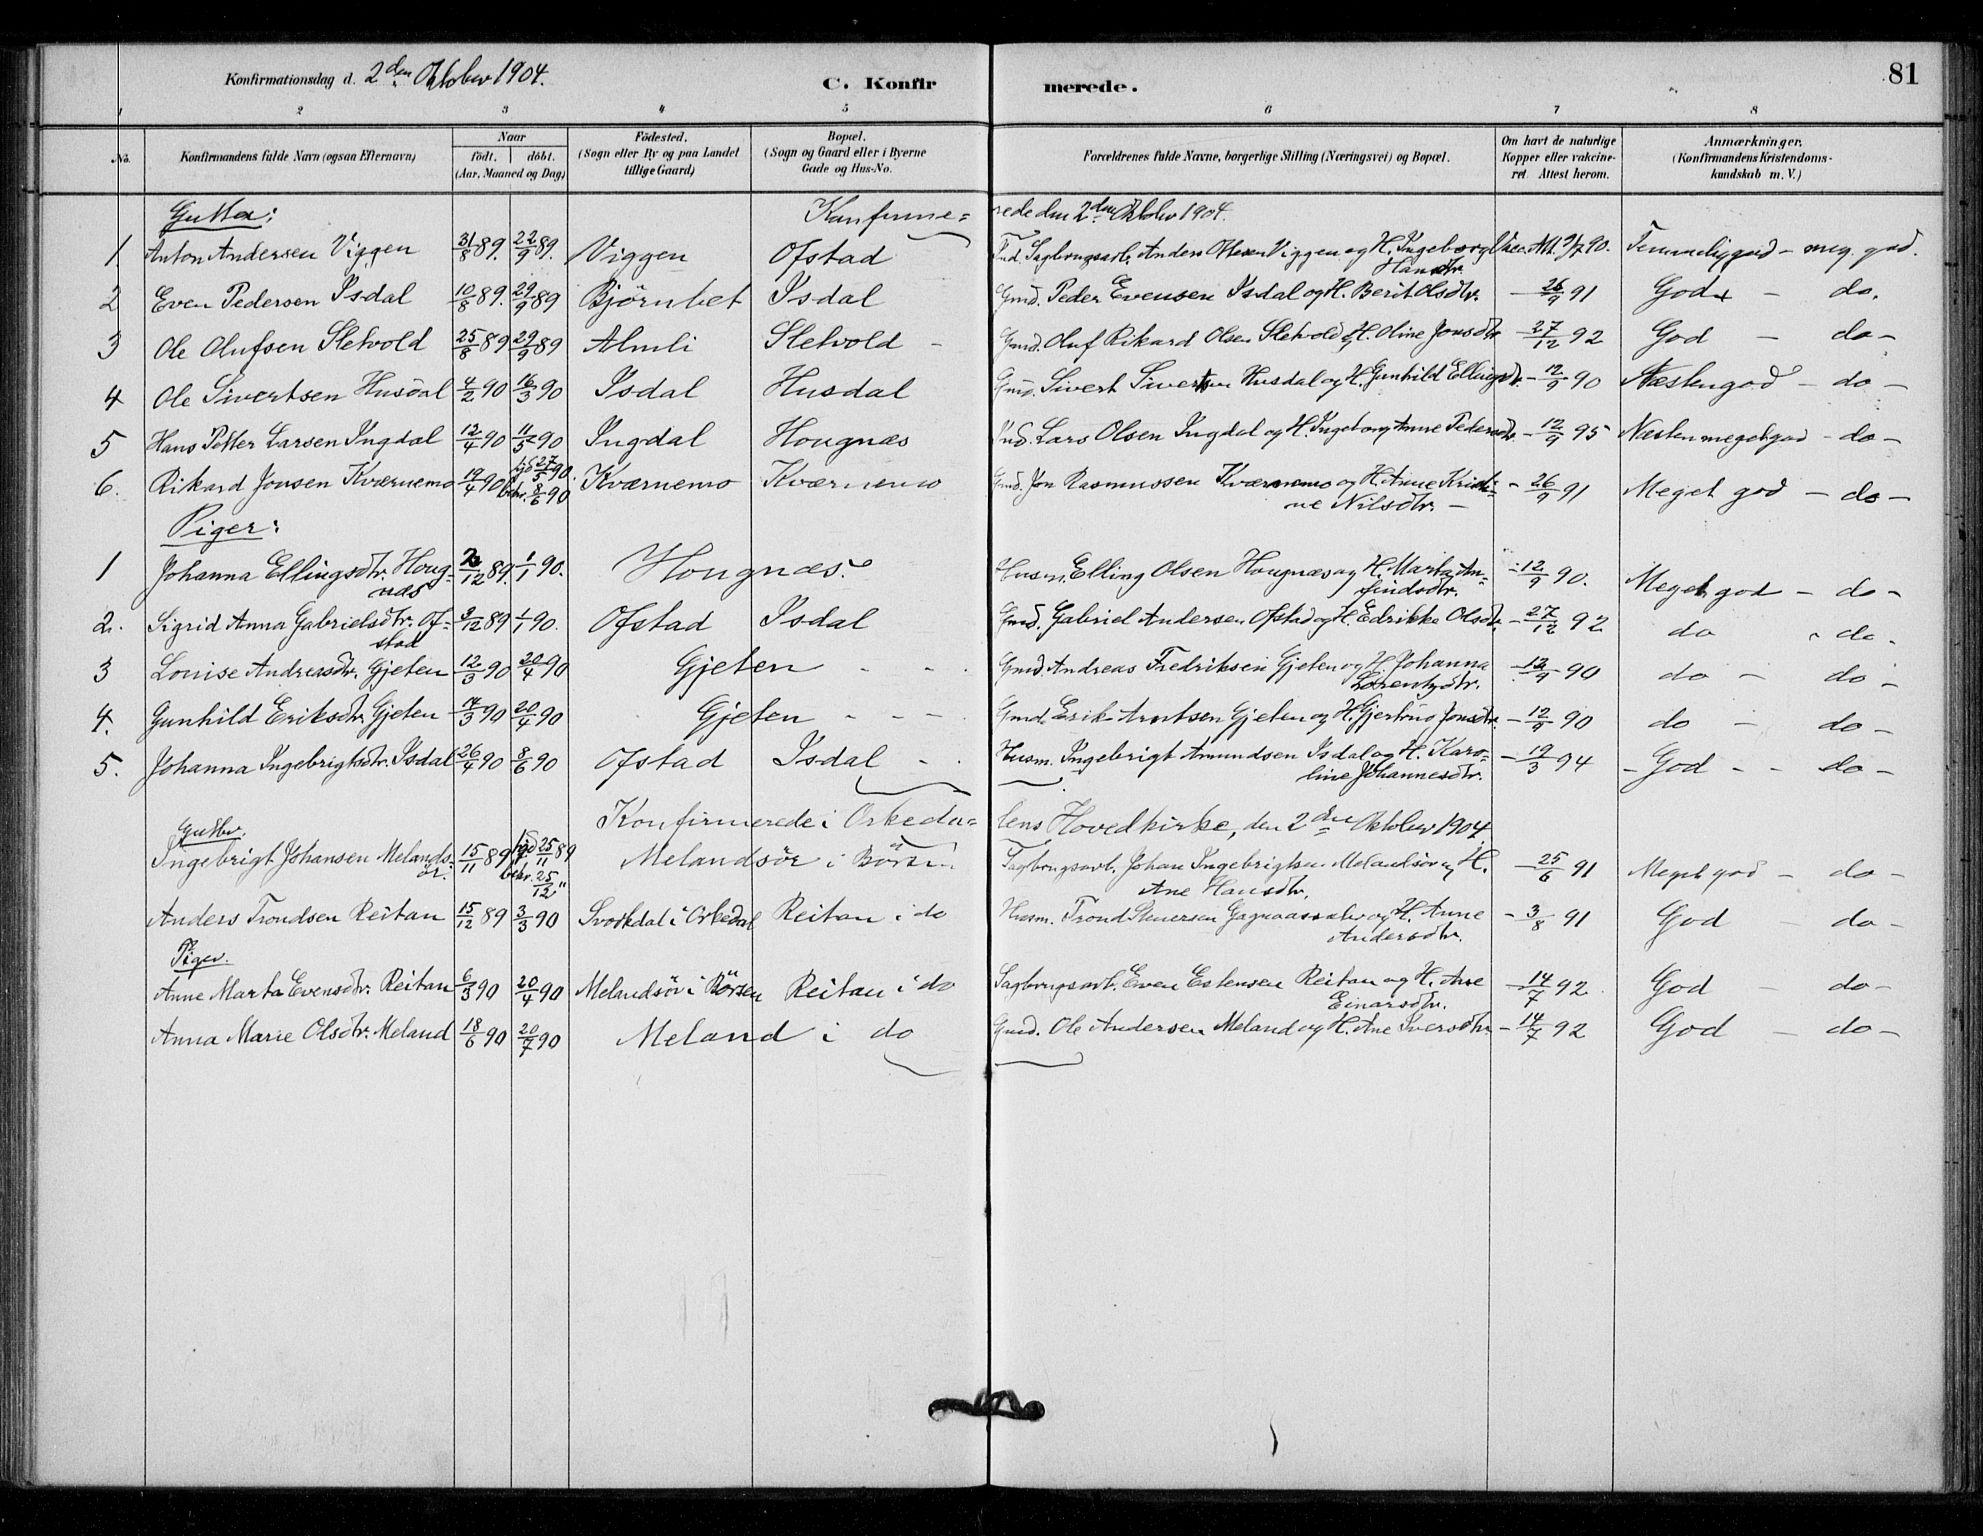 SAT, Ministerialprotokoller, klokkerbøker og fødselsregistre - Sør-Trøndelag, 670/L0836: Ministerialbok nr. 670A01, 1879-1904, s. 81